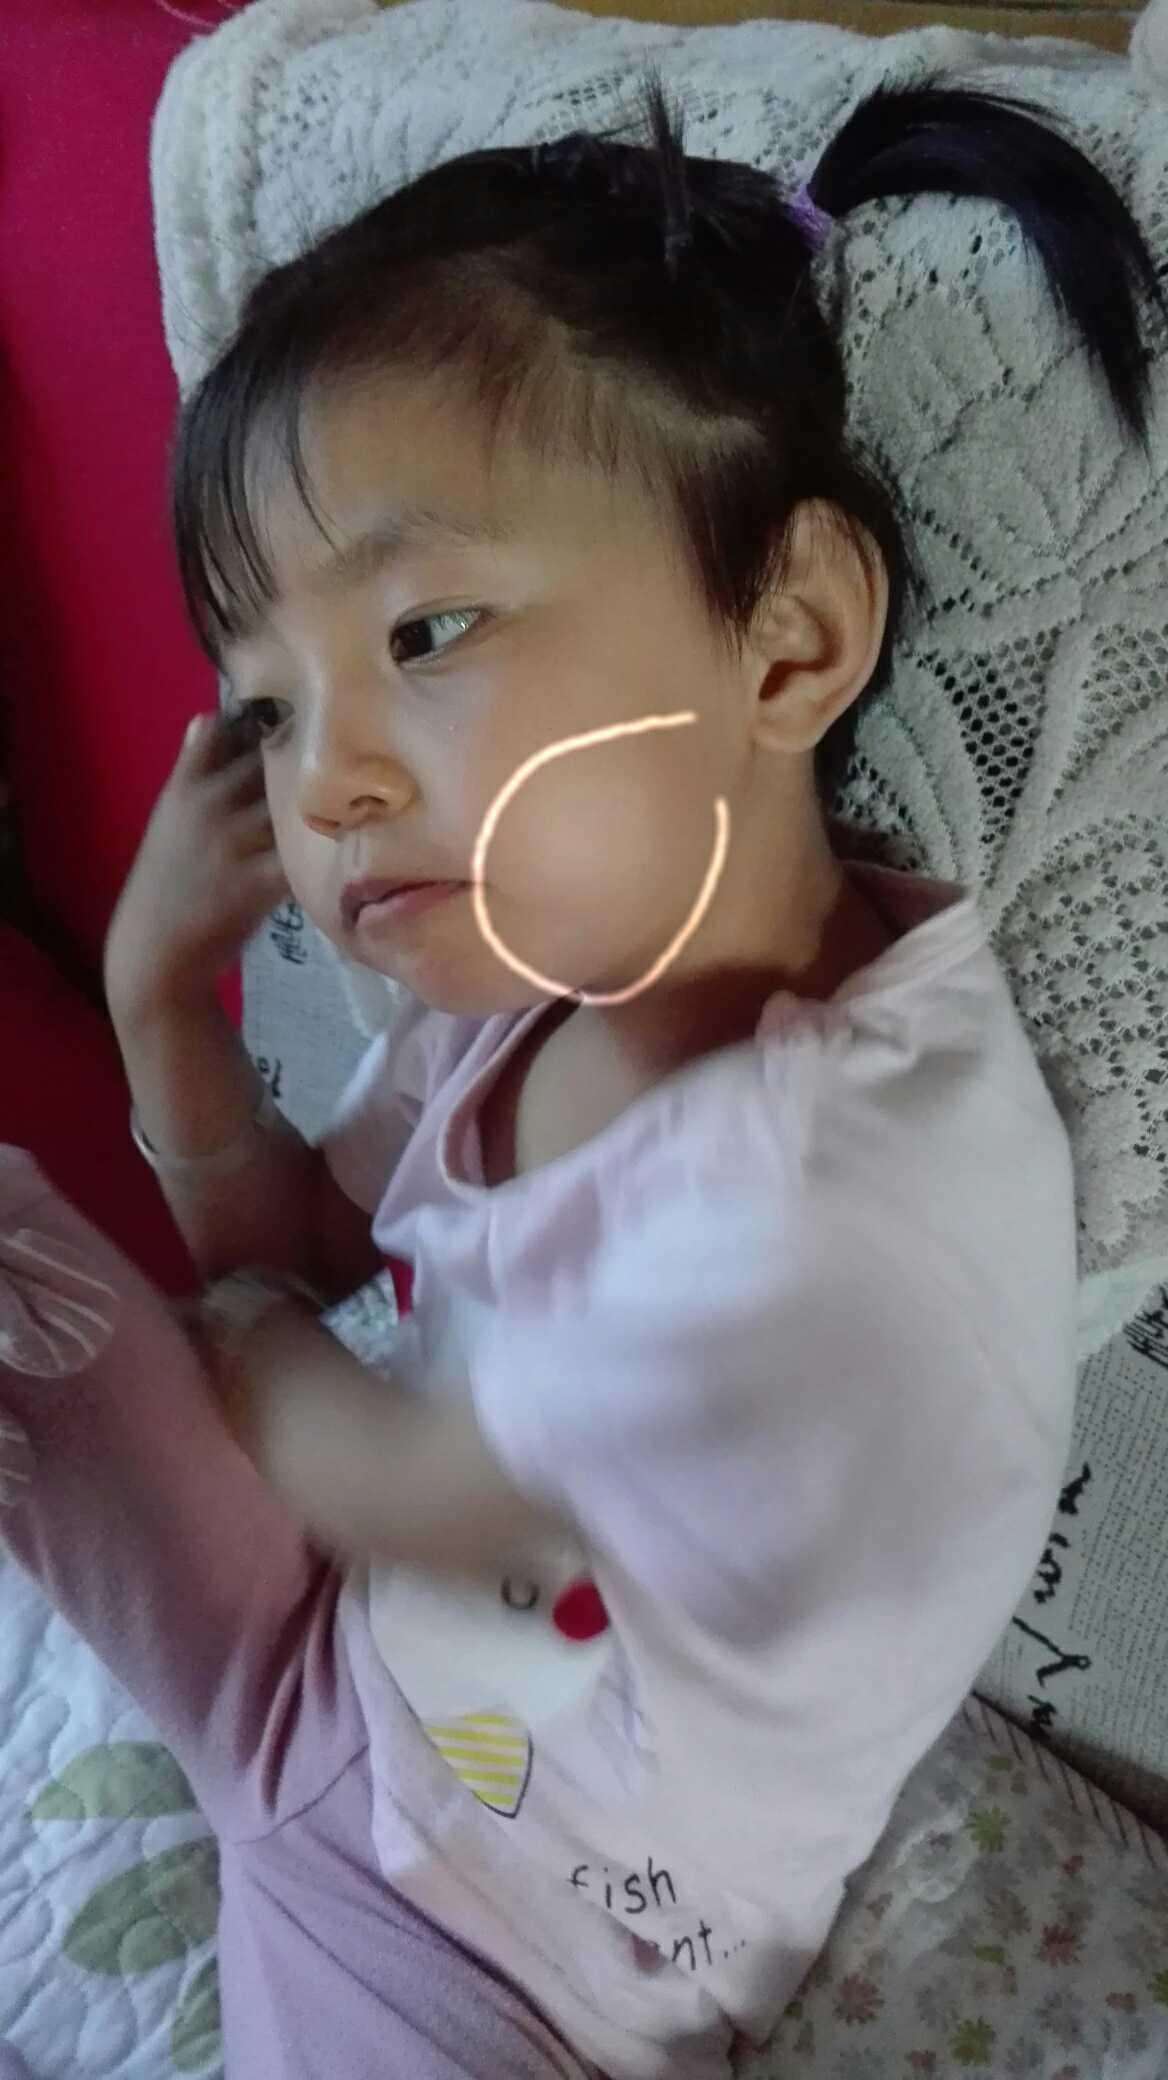 宝宝脸上有白斑,请见过的妈妈进来,附图 - 2013